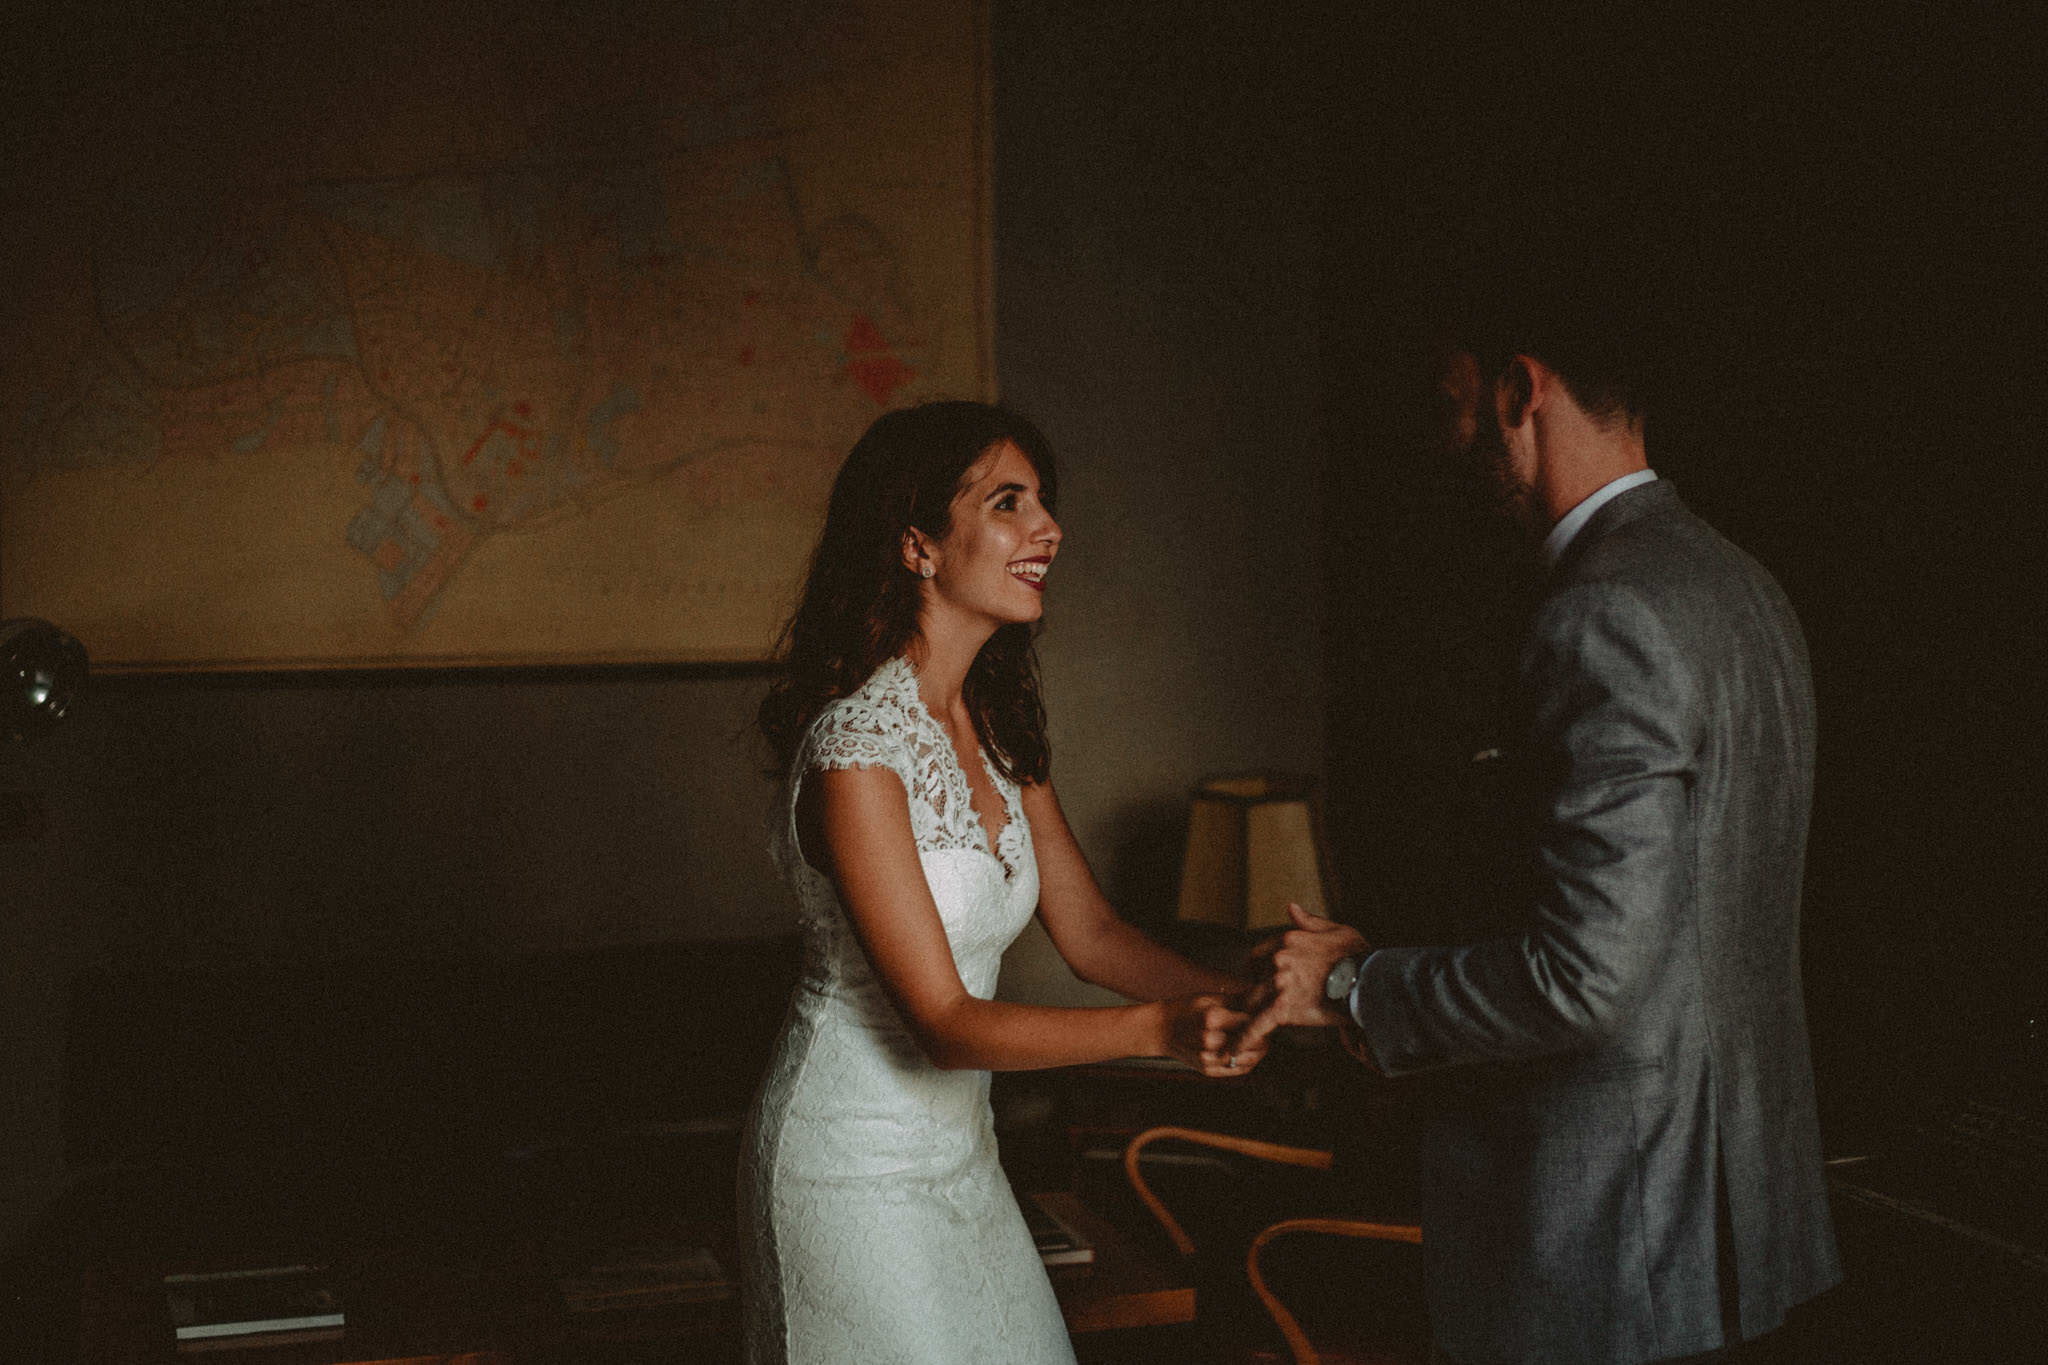 Hochzeit_in_Fabrik23_nhow_7380